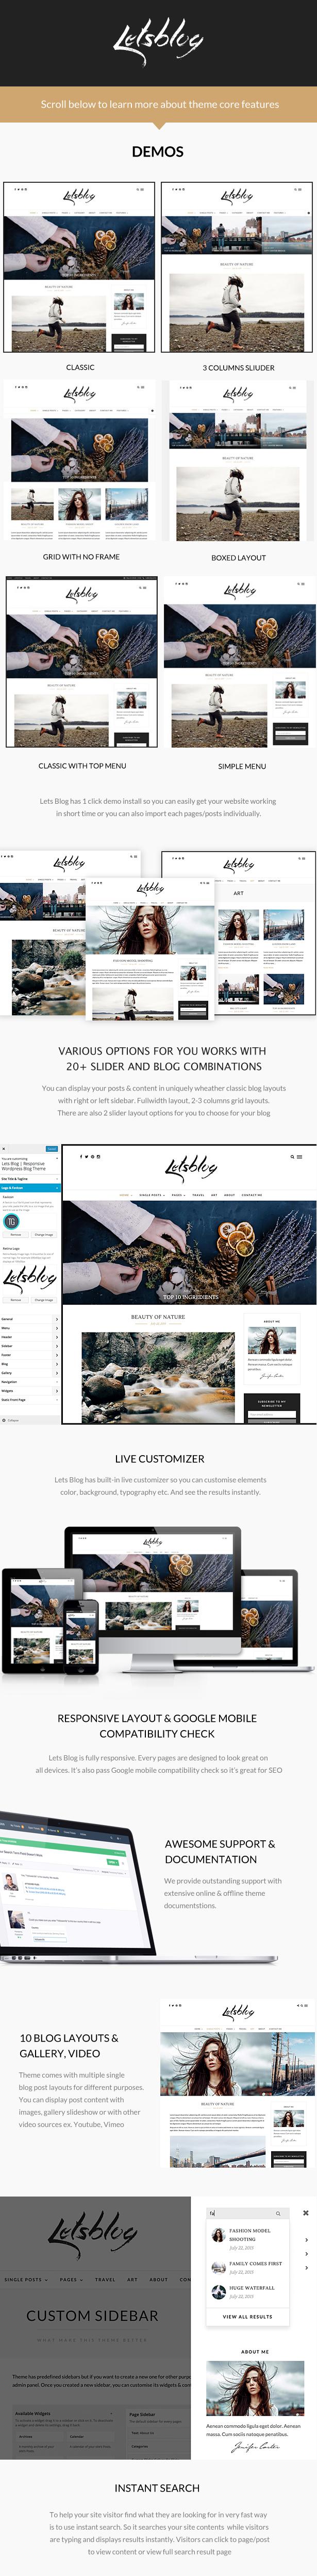 LetsBlogFeatures - Lets Blog WordPress